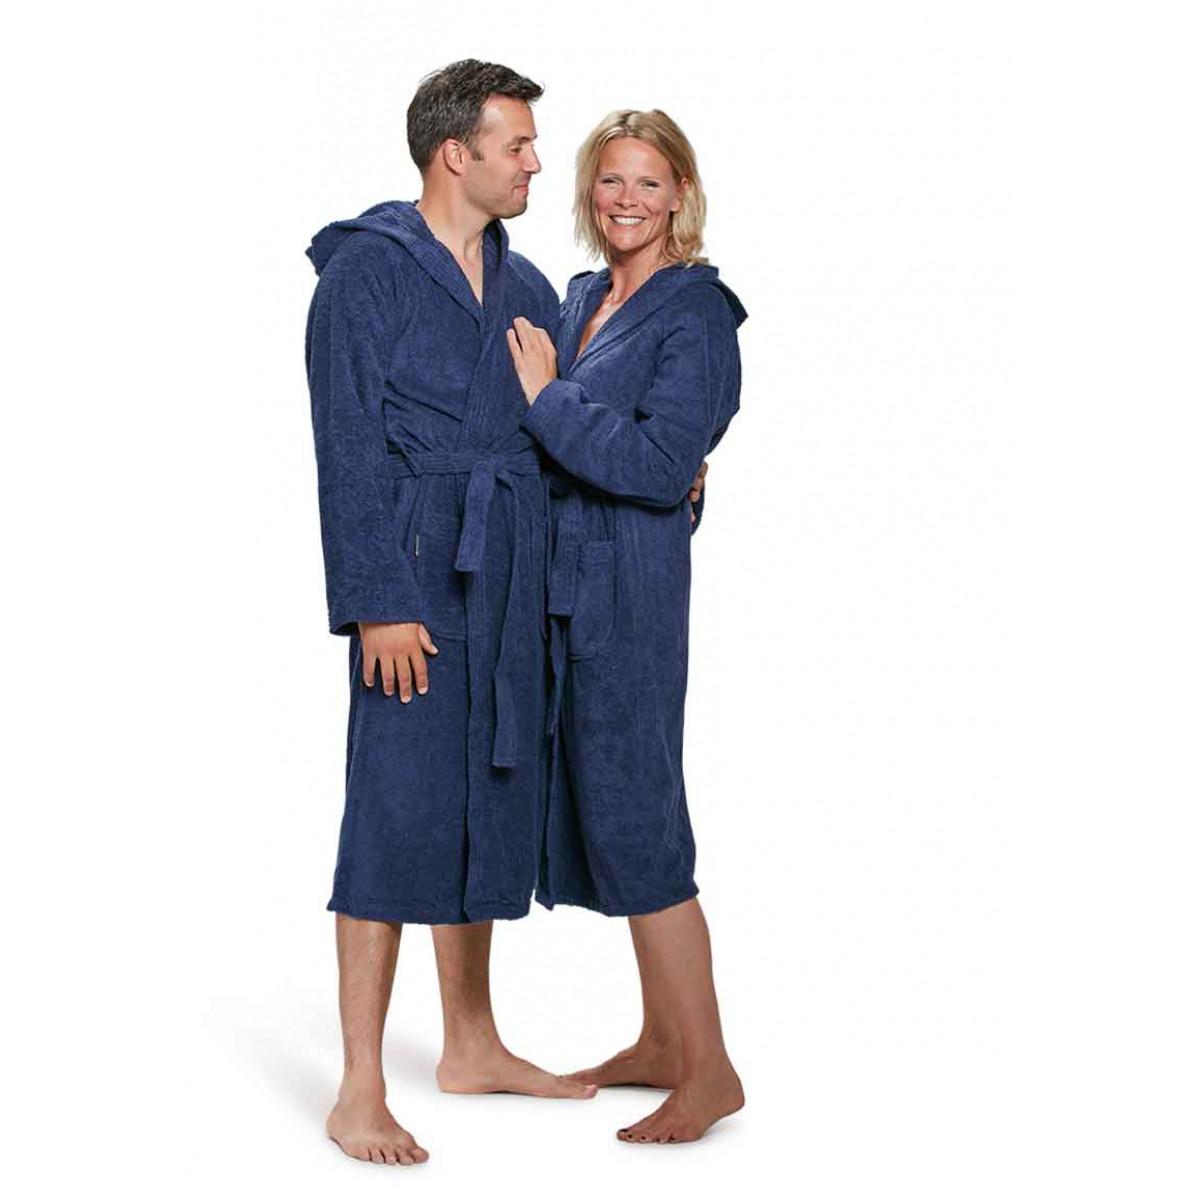 Blauwe badjas kopen